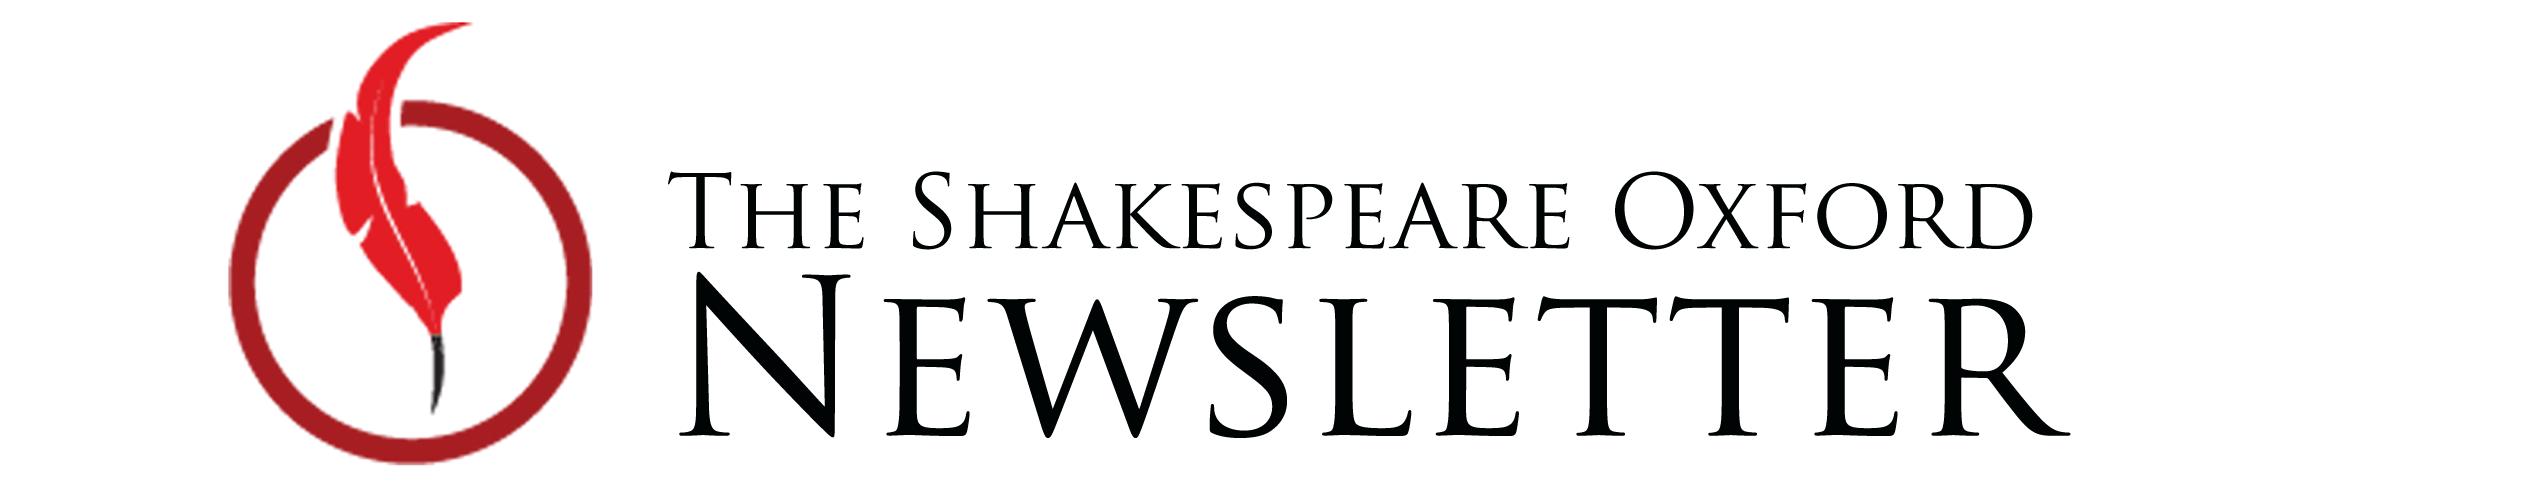 Newsletter-Header2